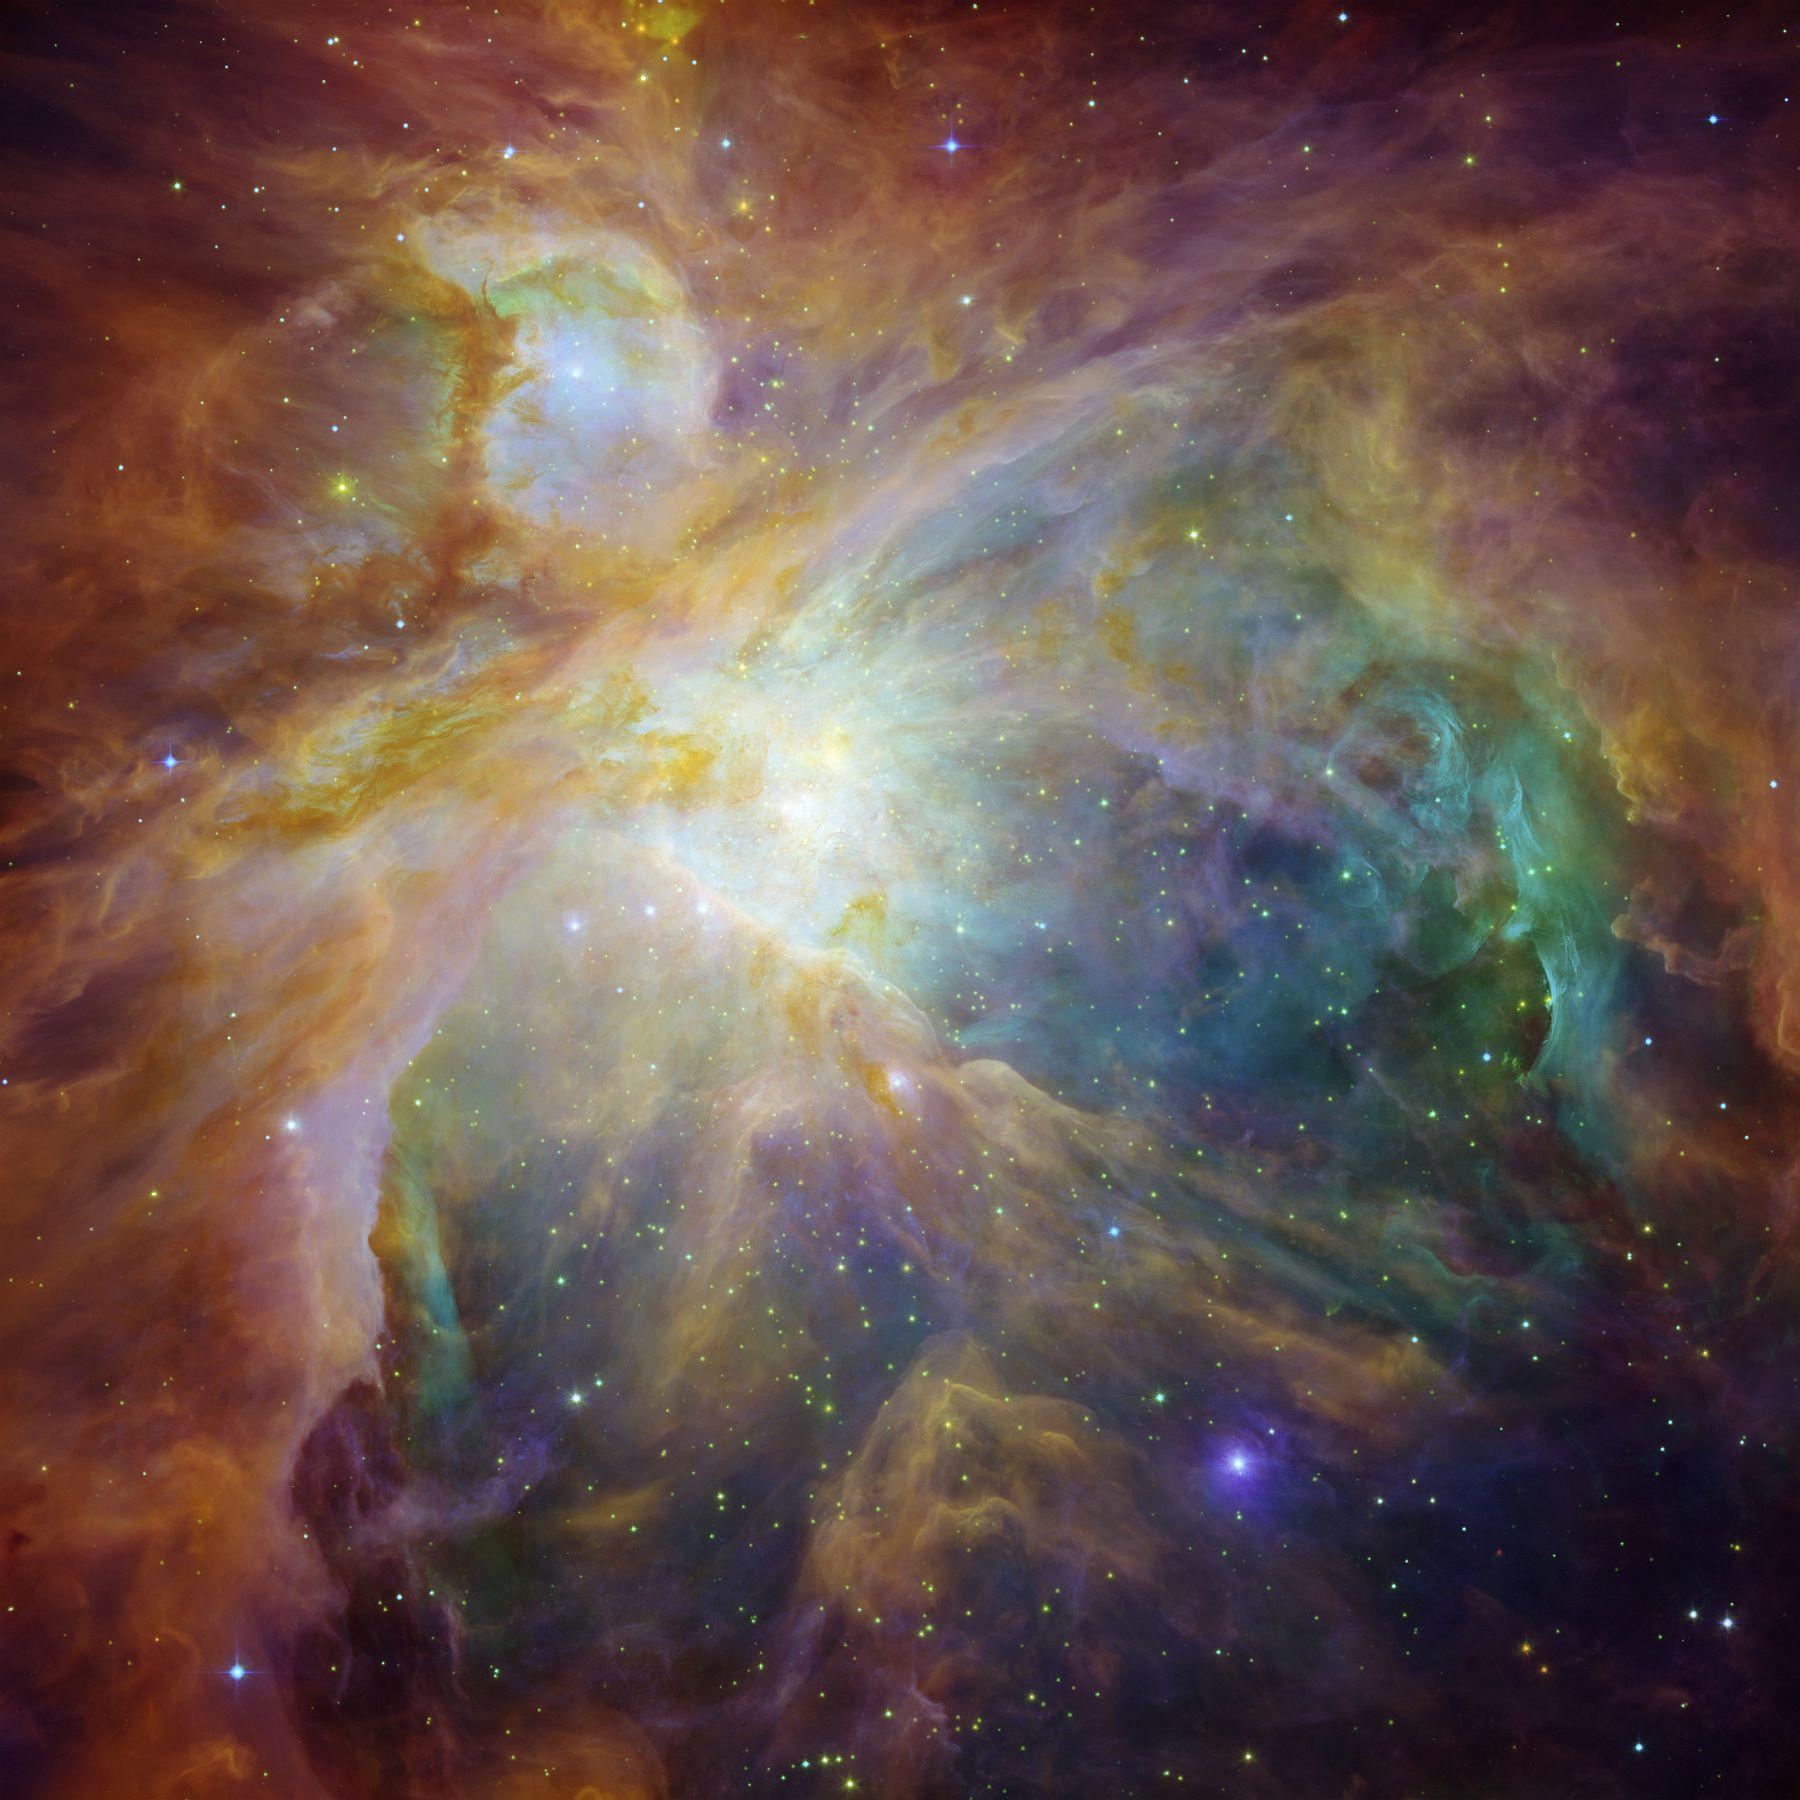 Комбинированный снимок в инфракрасном, ультрафиолетовом и видимом диапазоне света